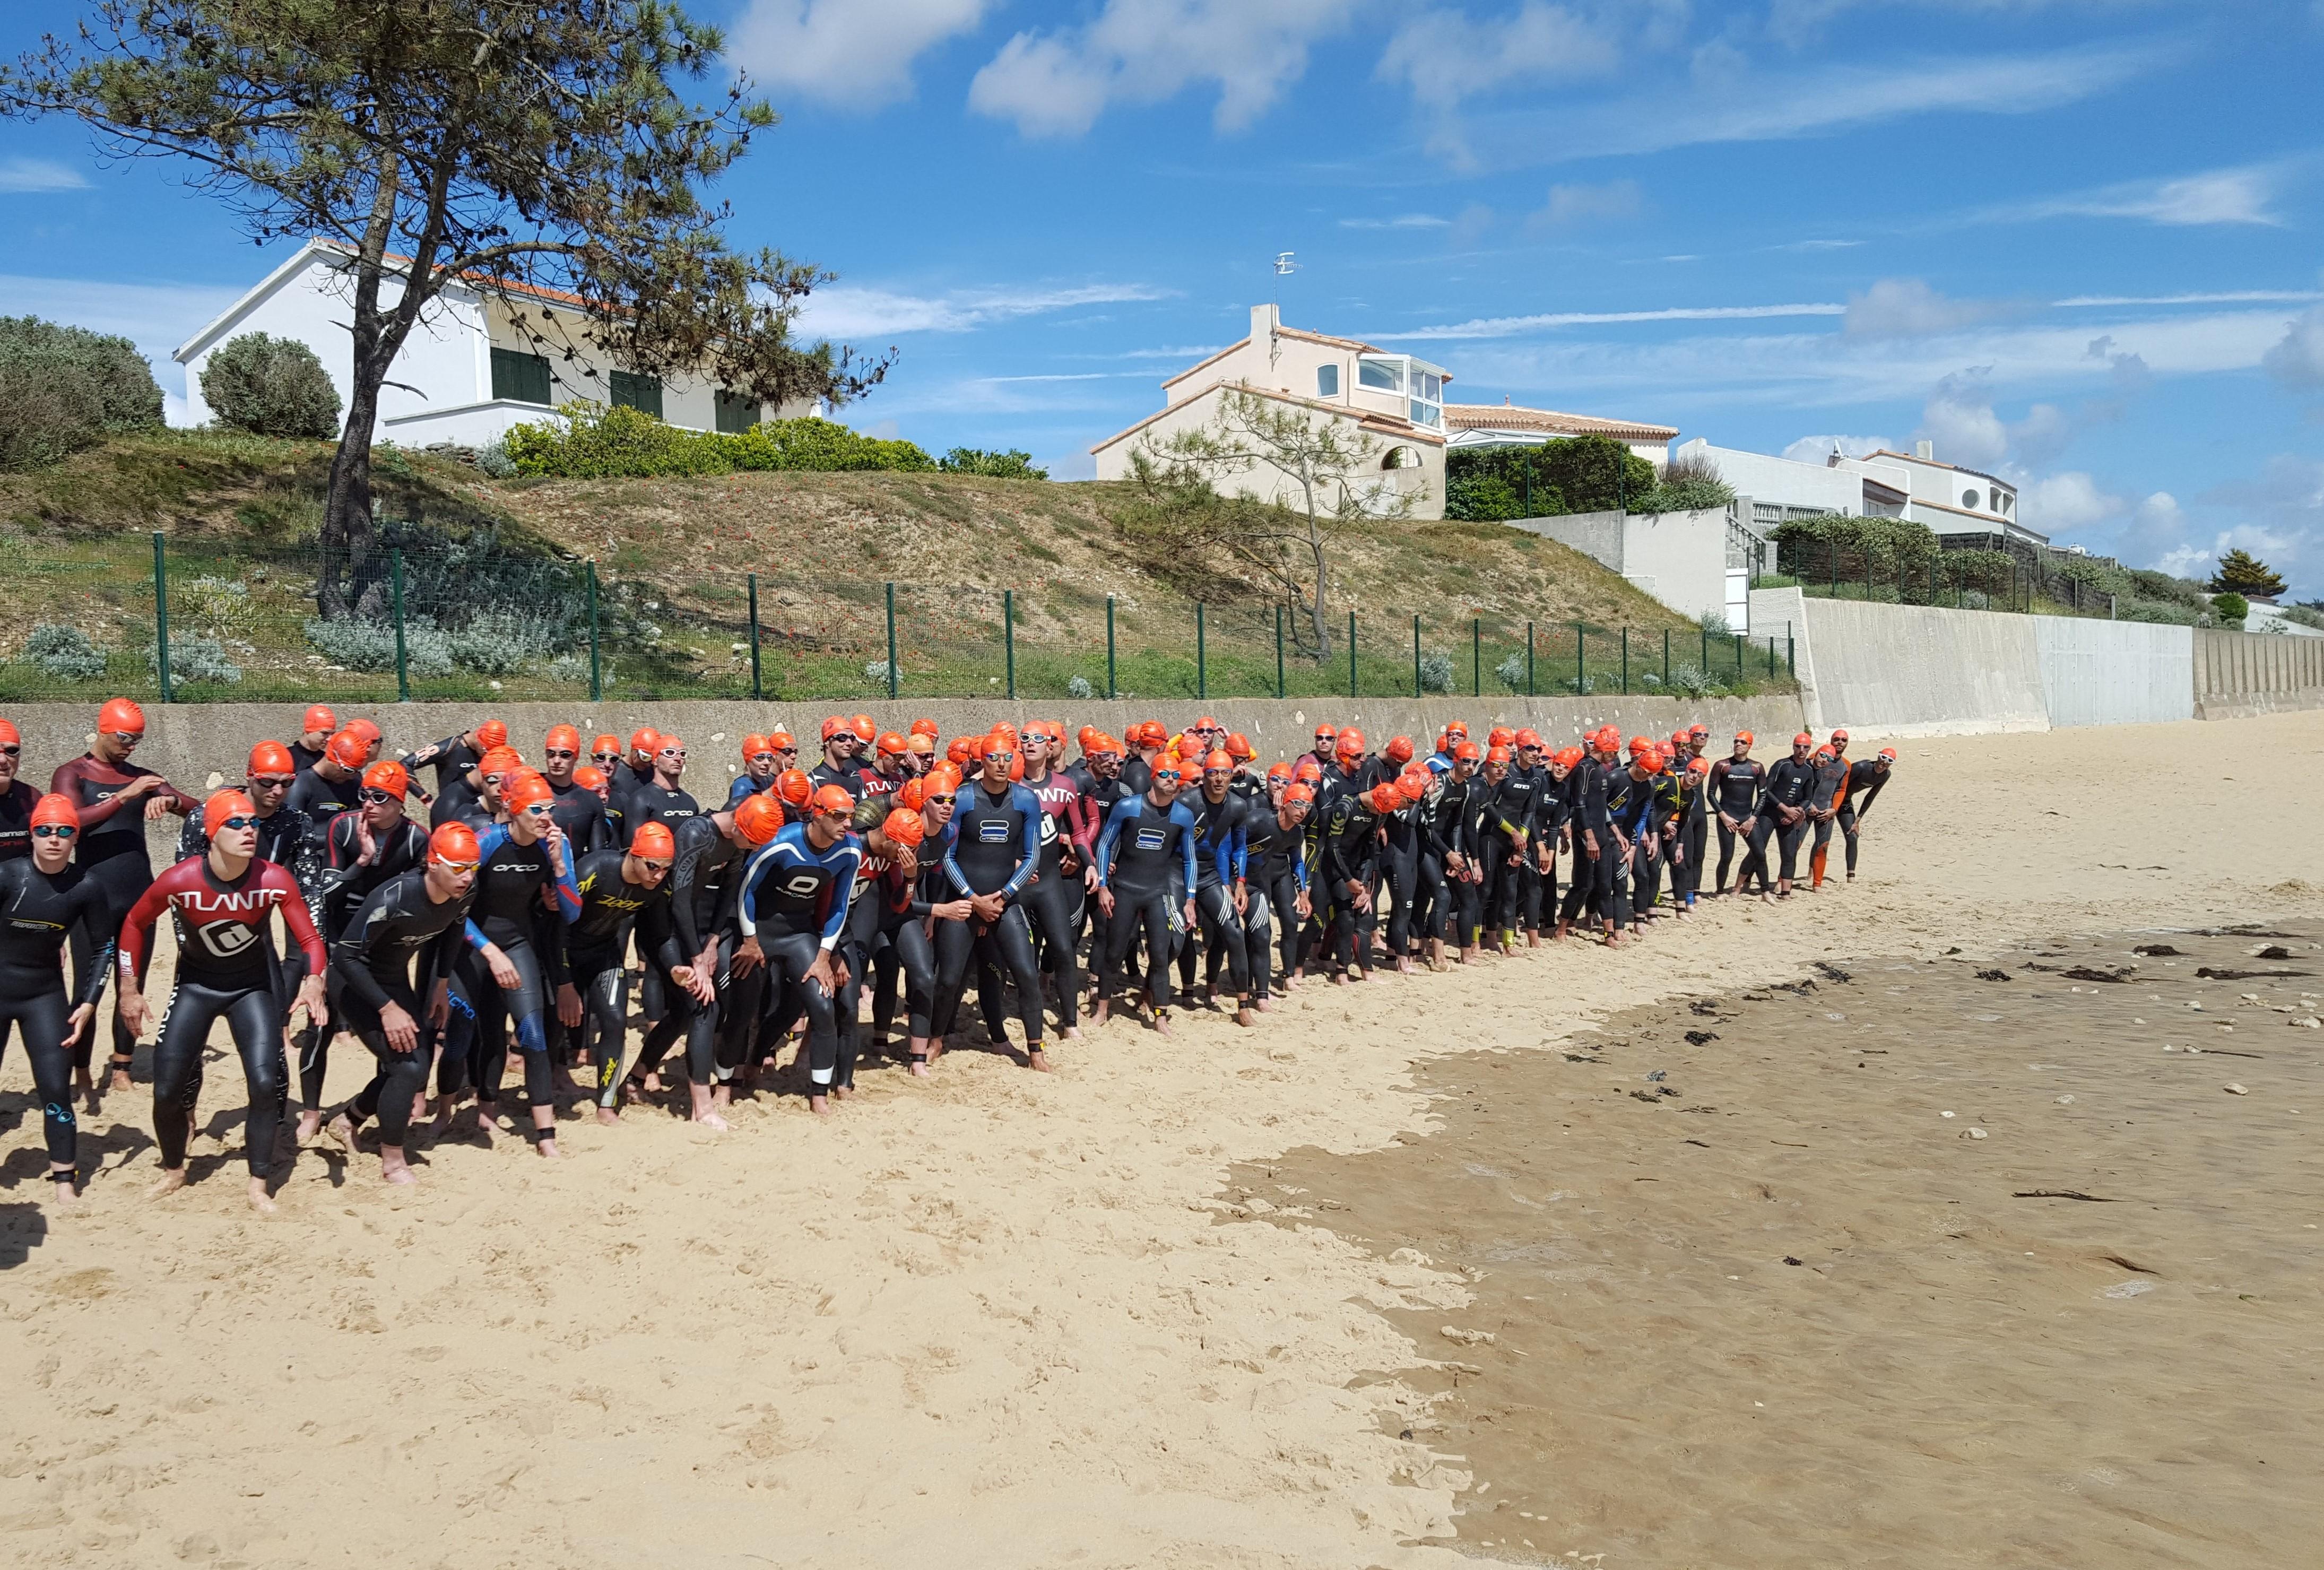 Jard-sur-Mer : annulation de la 34e édition du Triathlon